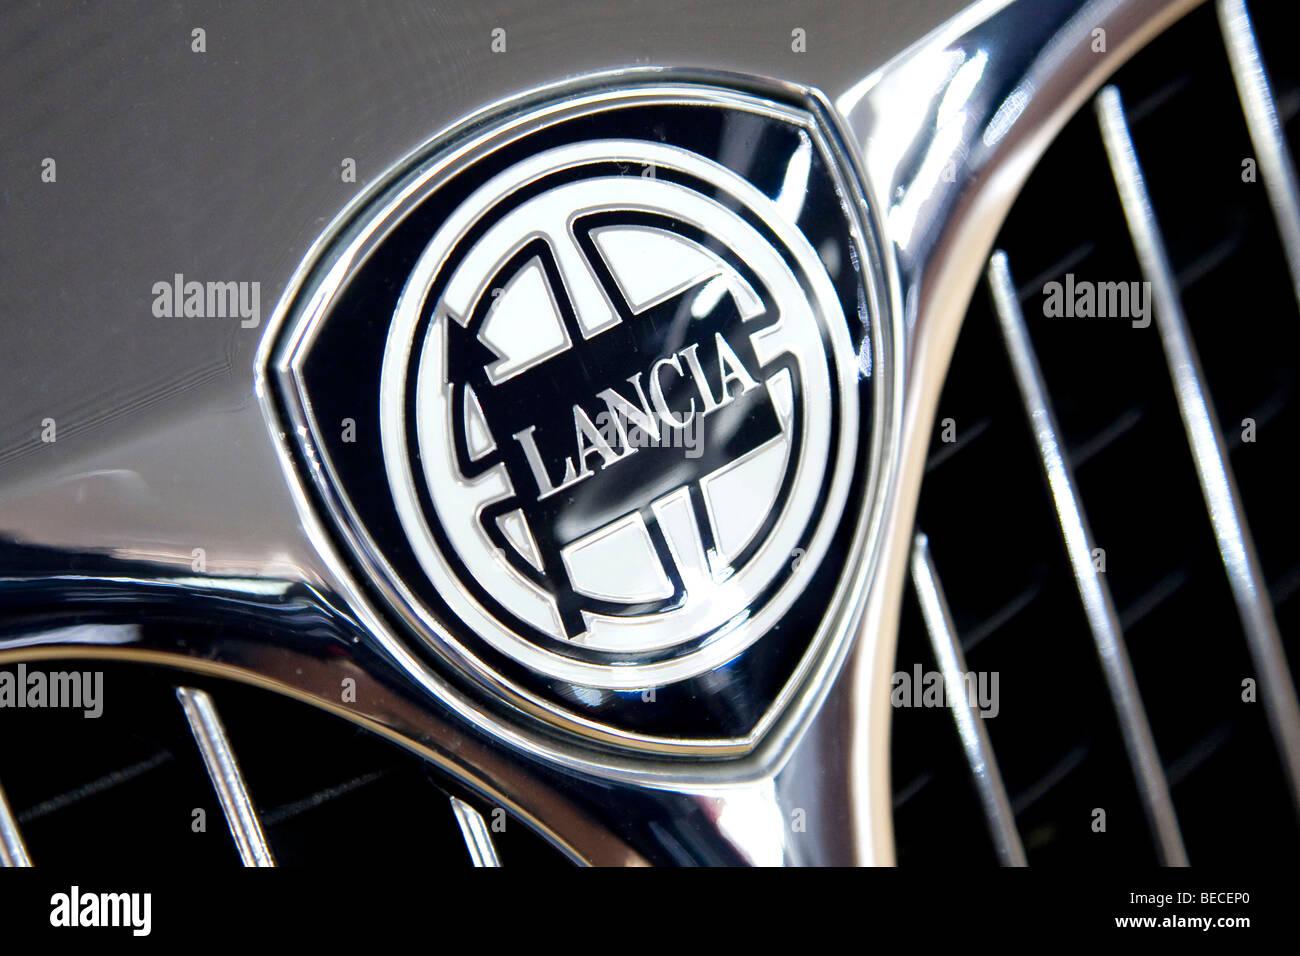 lancia emblem on a car stock photo: 26090568 - alamy